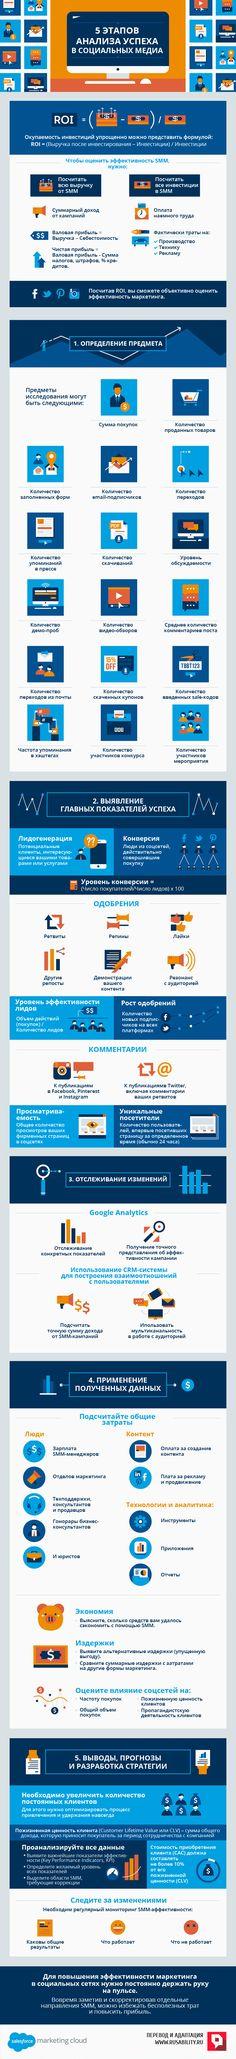 ROI, SMM, маркетинг, соцсети, социальные сети, медиа, инвестиции, эффективность, анализ, инфографика